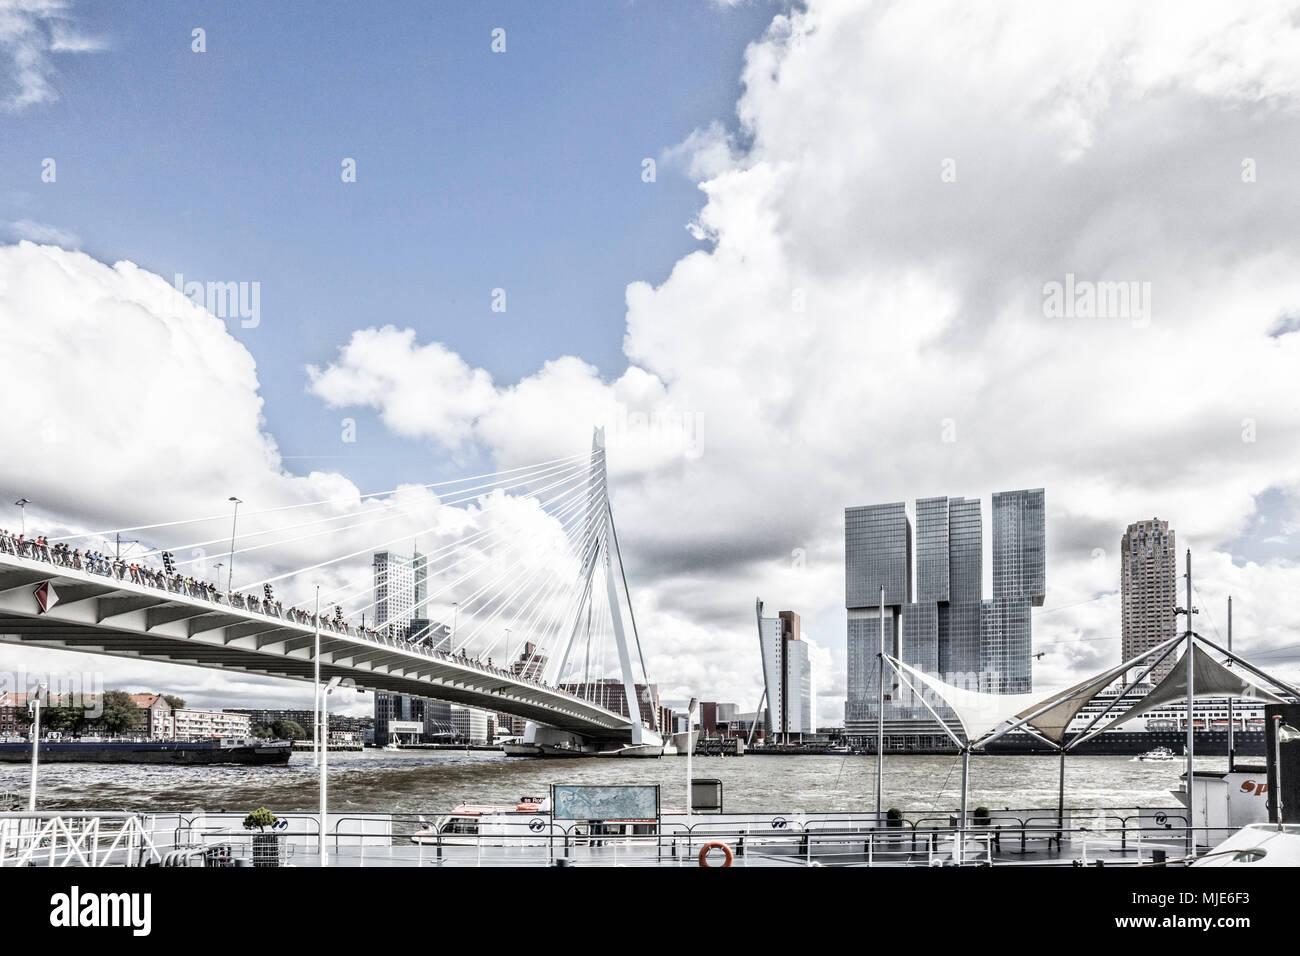 Erasmusbrücke mit vielen Menschen in Rotterdam - Stock Image